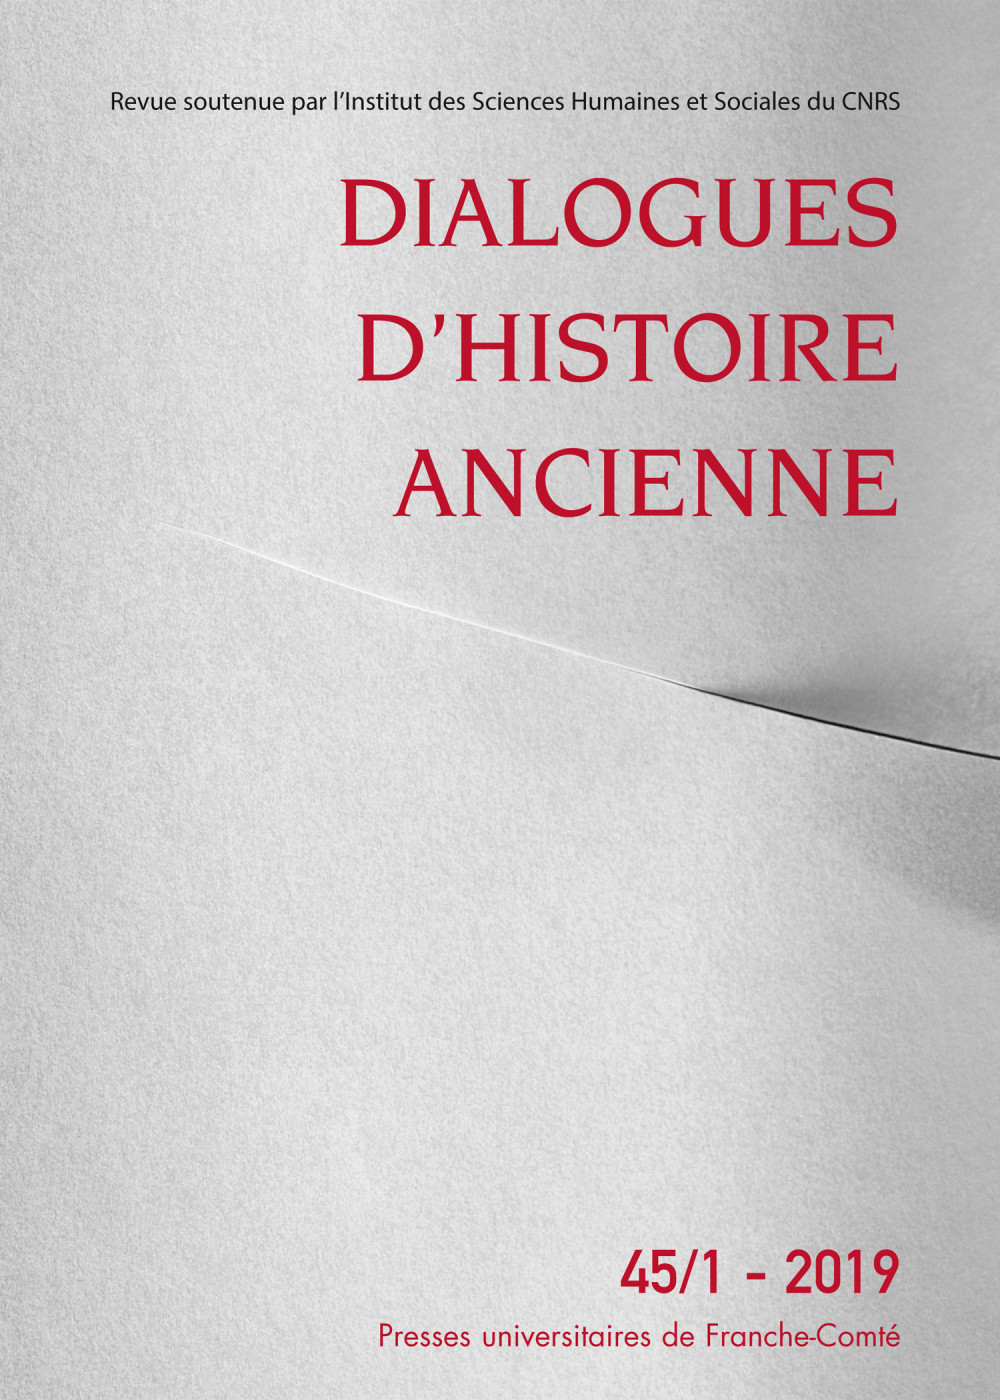 Dialogues d'histoire ancienne 45/1